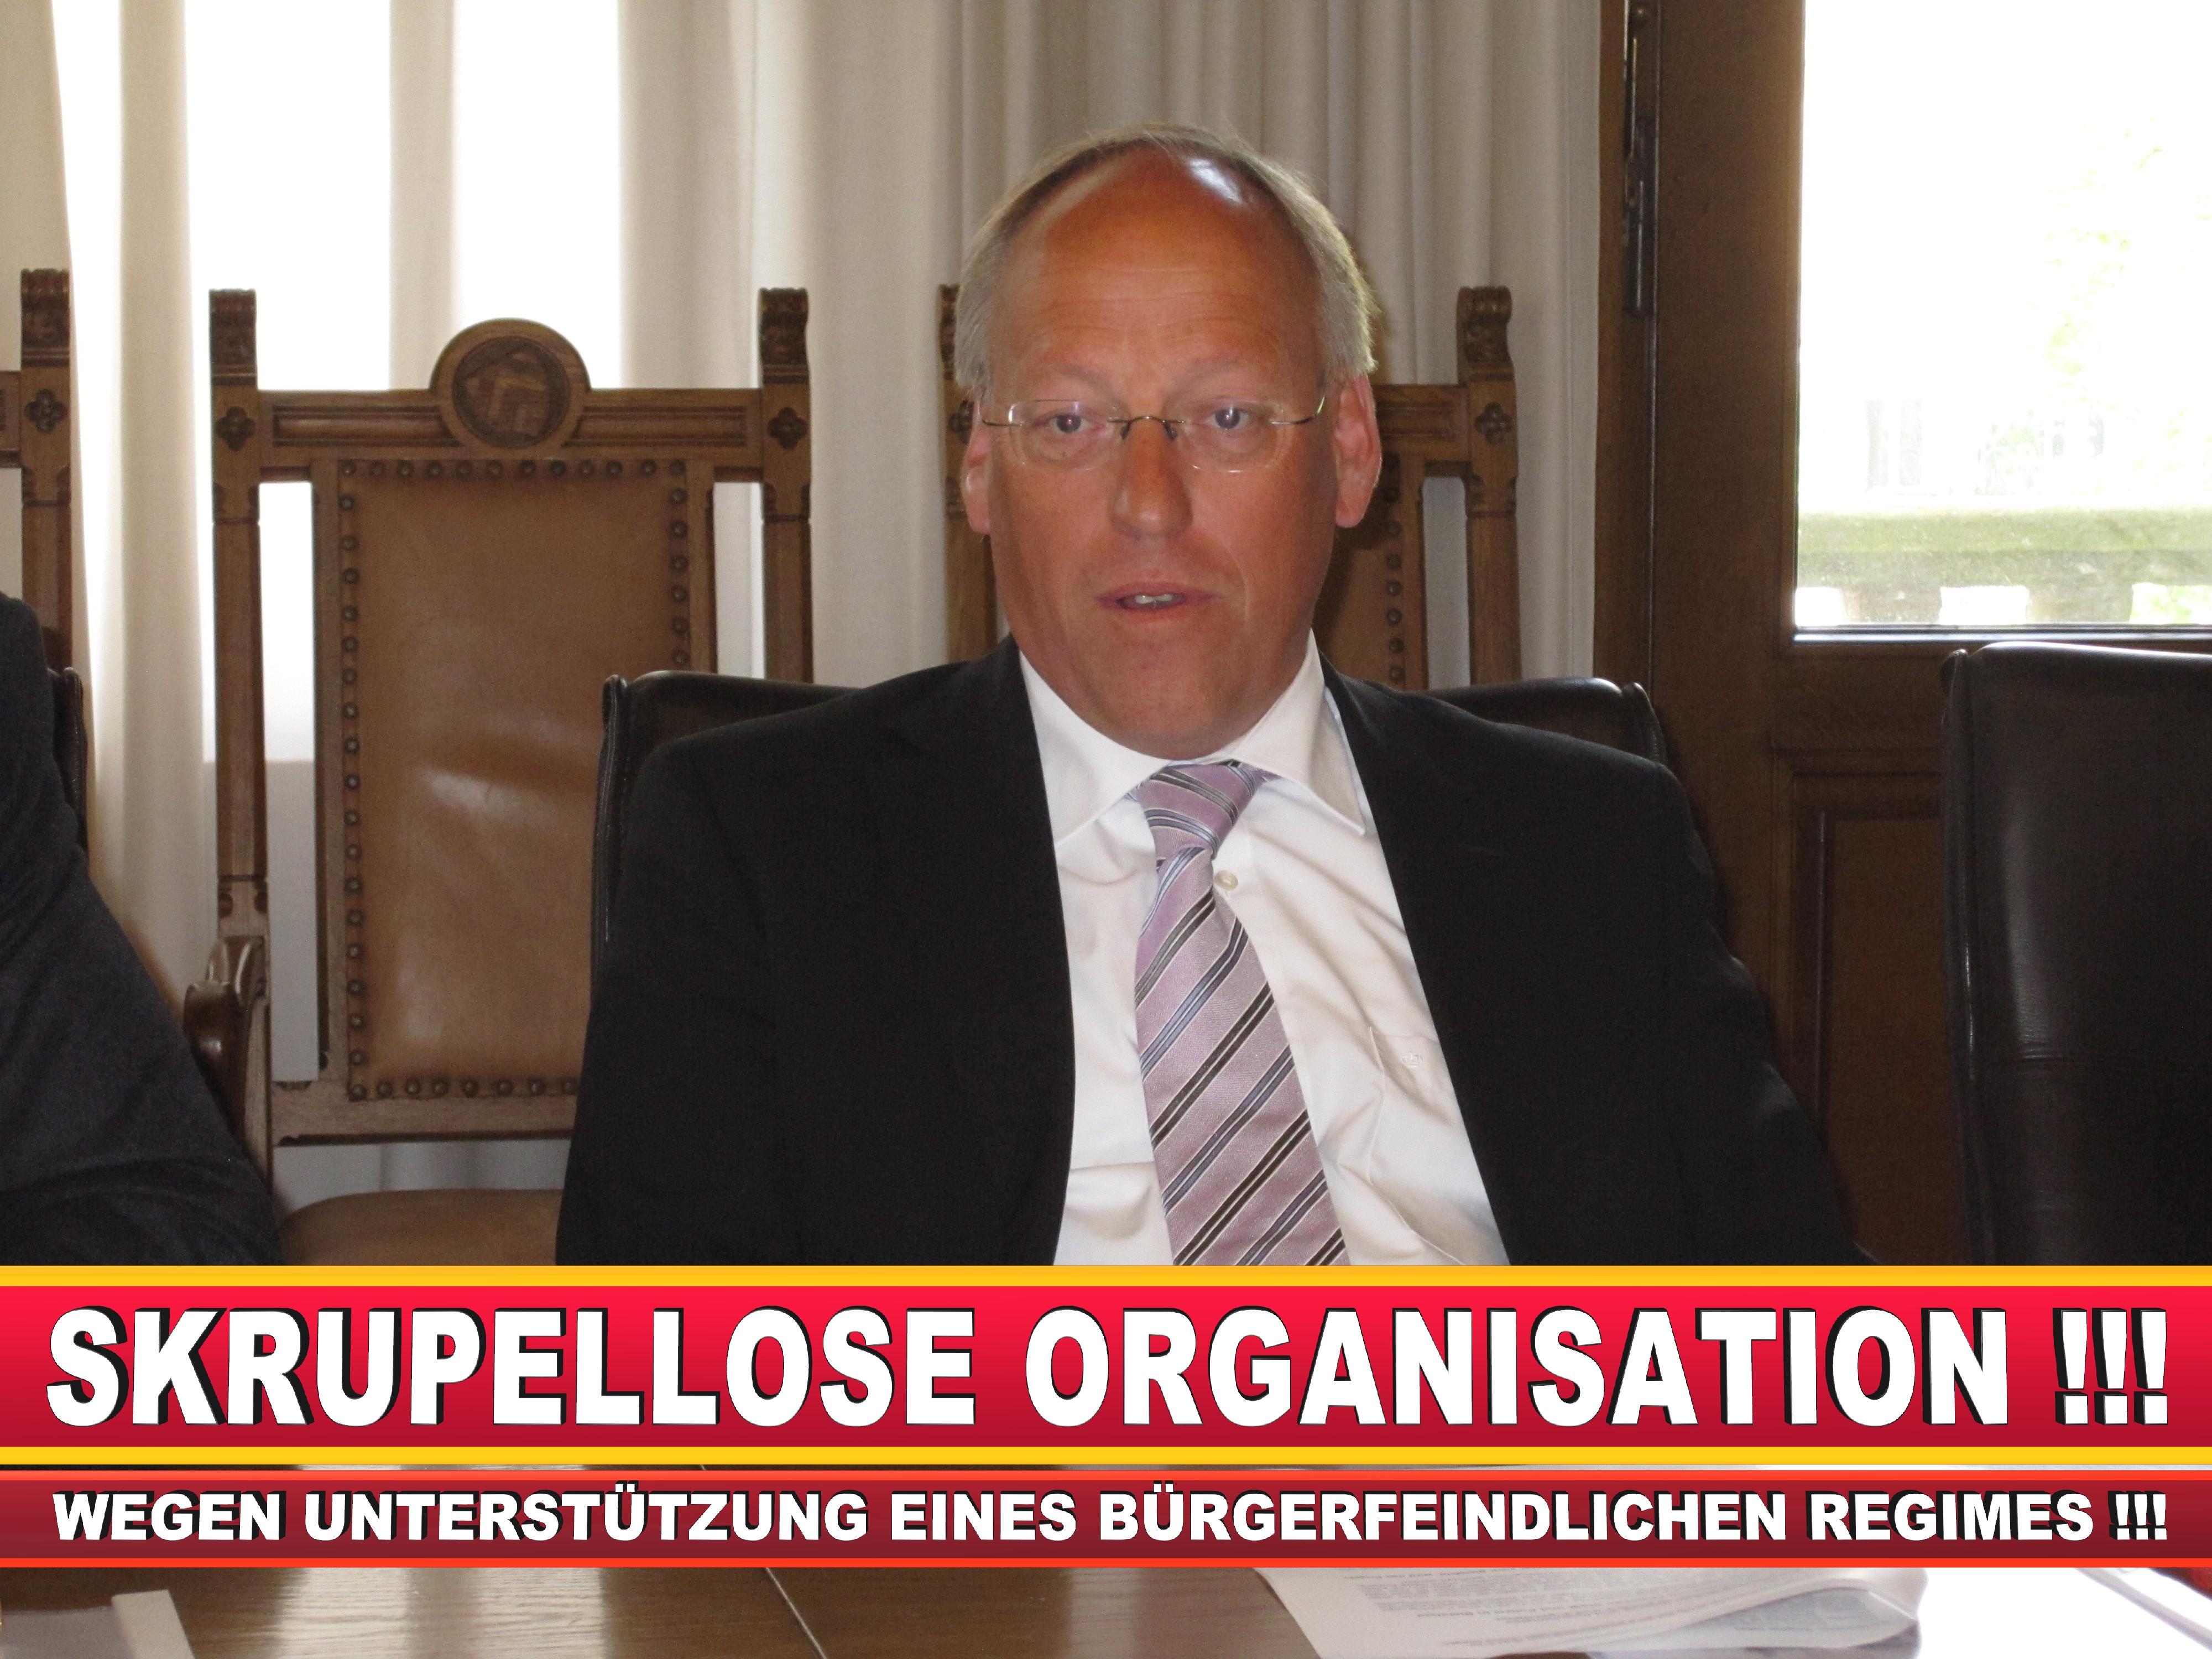 Polizeipräsident Erwin Südfeld Bielefeld Oberbürgermeister Bürgermeister Peter Clausen Pit Clausen Bielefeld (38)